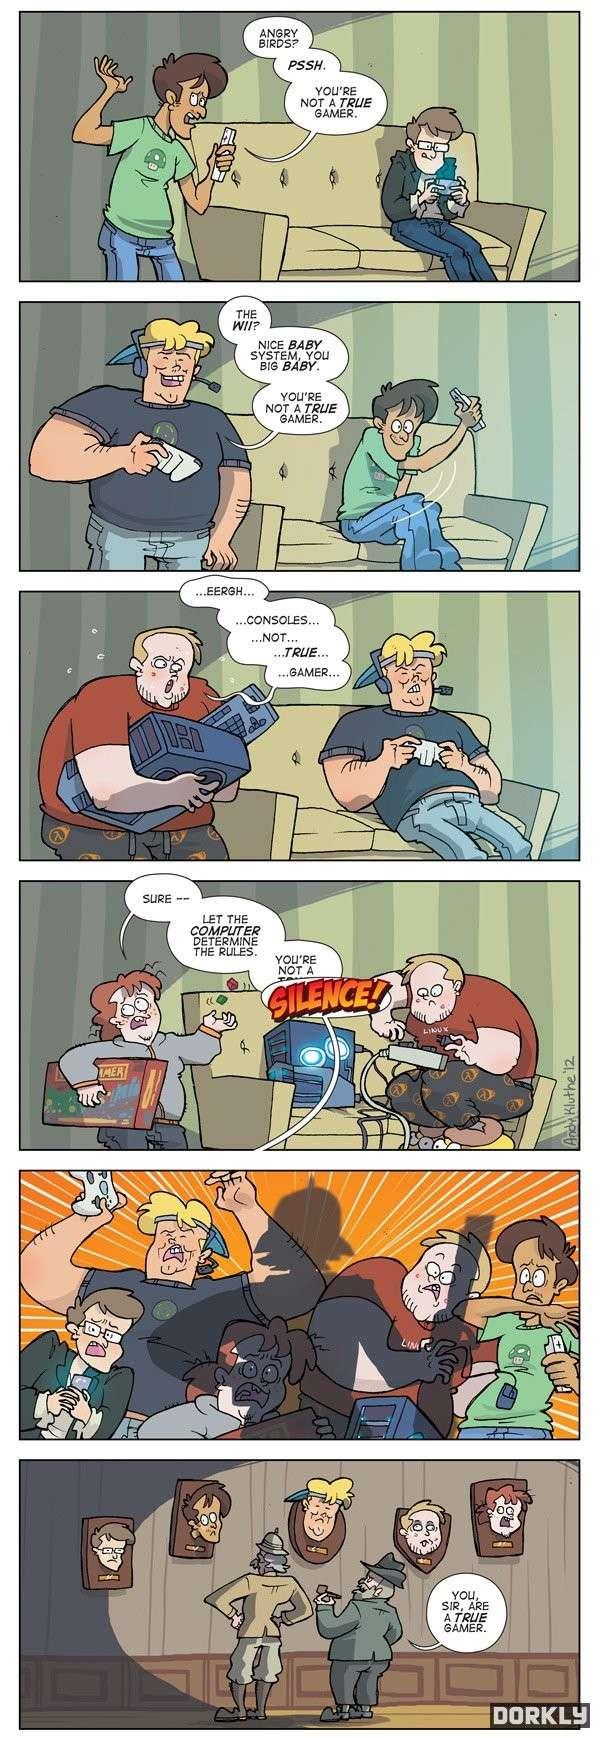 Le bar des Jeux vidéos Comics11